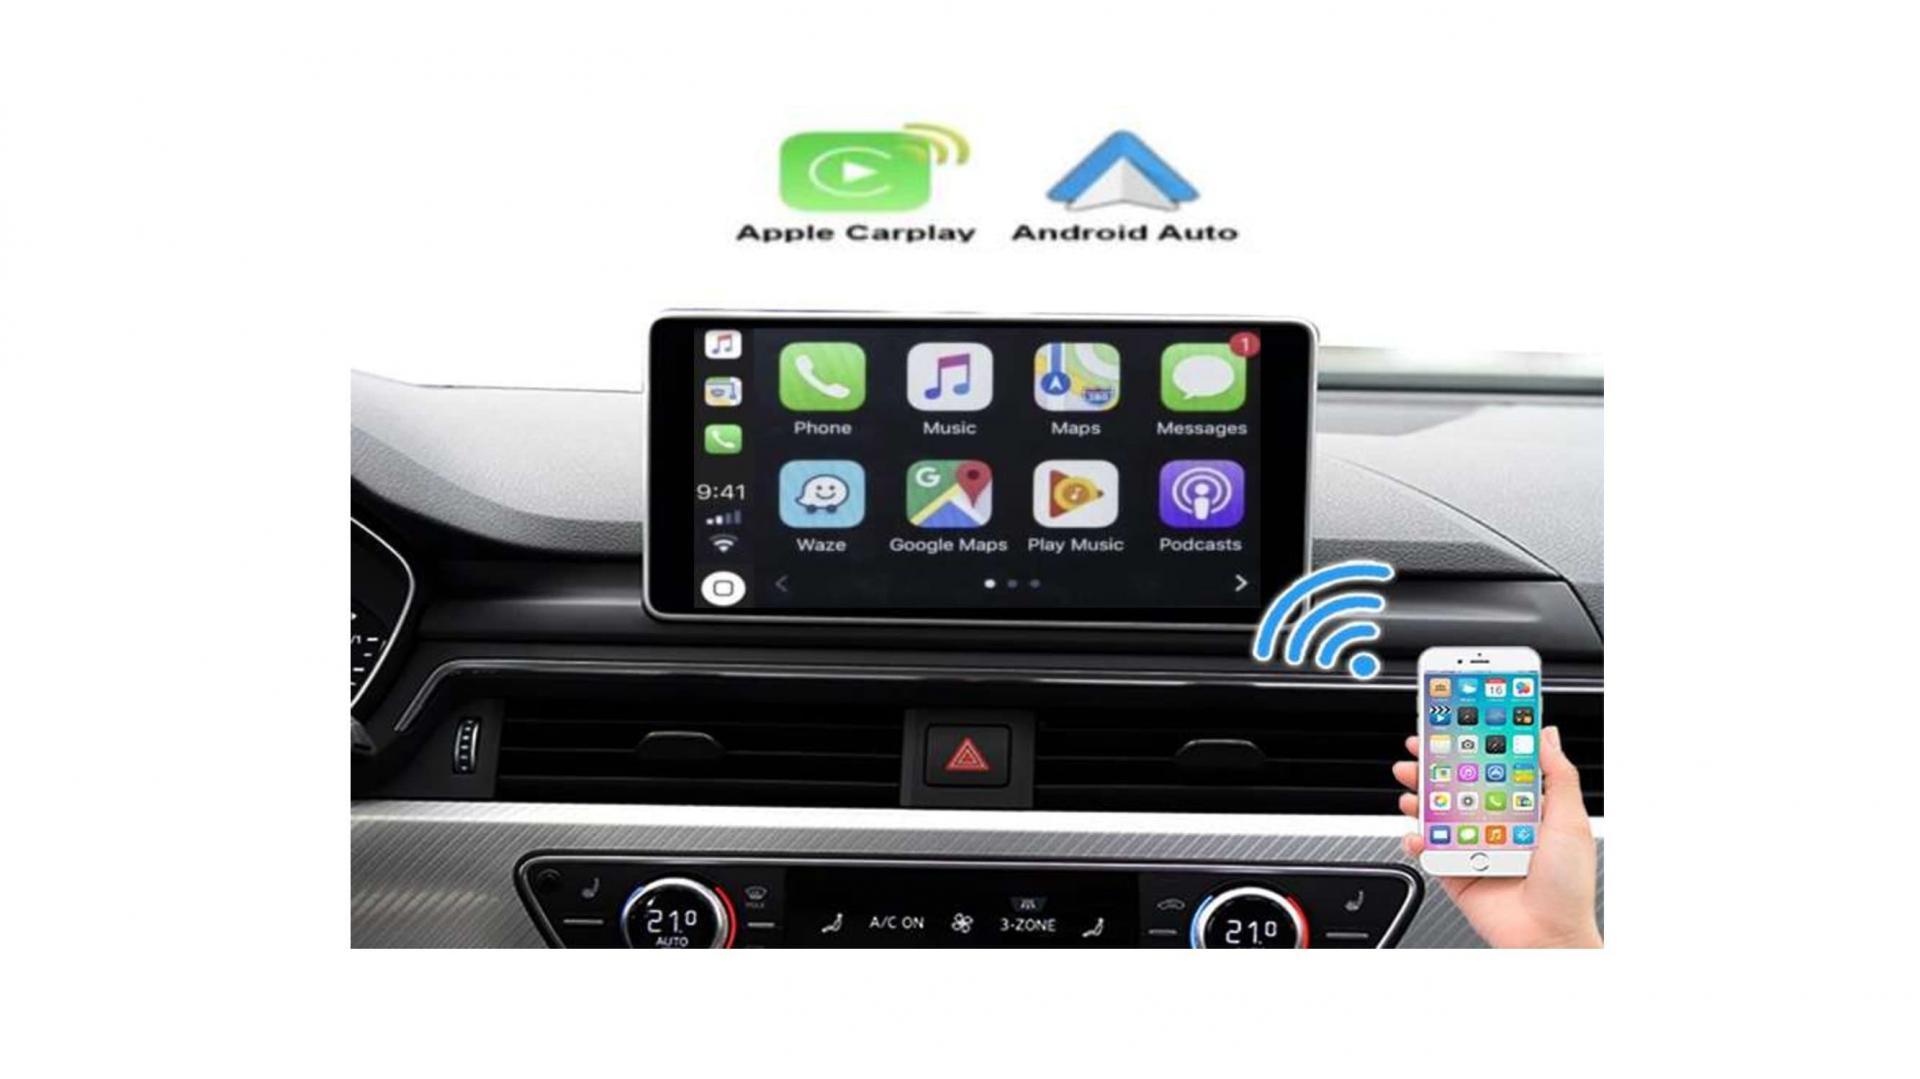 Android auto audi q7 peugeot renault megane4 mercedes audi peugeot opel toyota camera de recul commande au volant ipod tv dvbt 3g 4g pas cher wifi poste usb sd tnt 2 din tactile ca